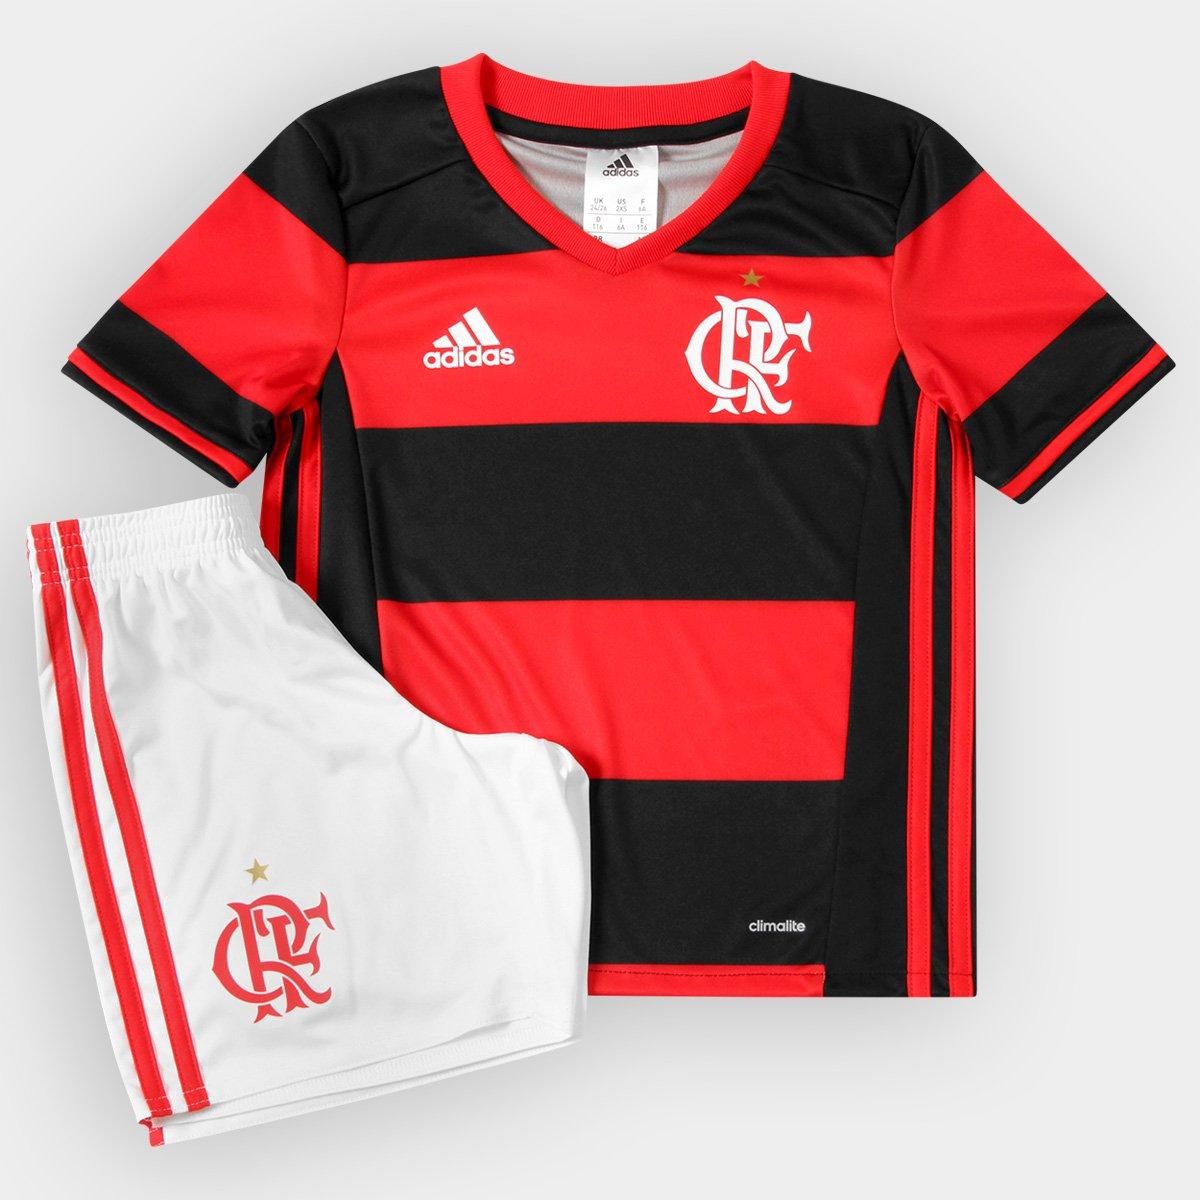 Kit Adidas Flamengo 2016 Infantil - Compre Agora  67cee0879152c